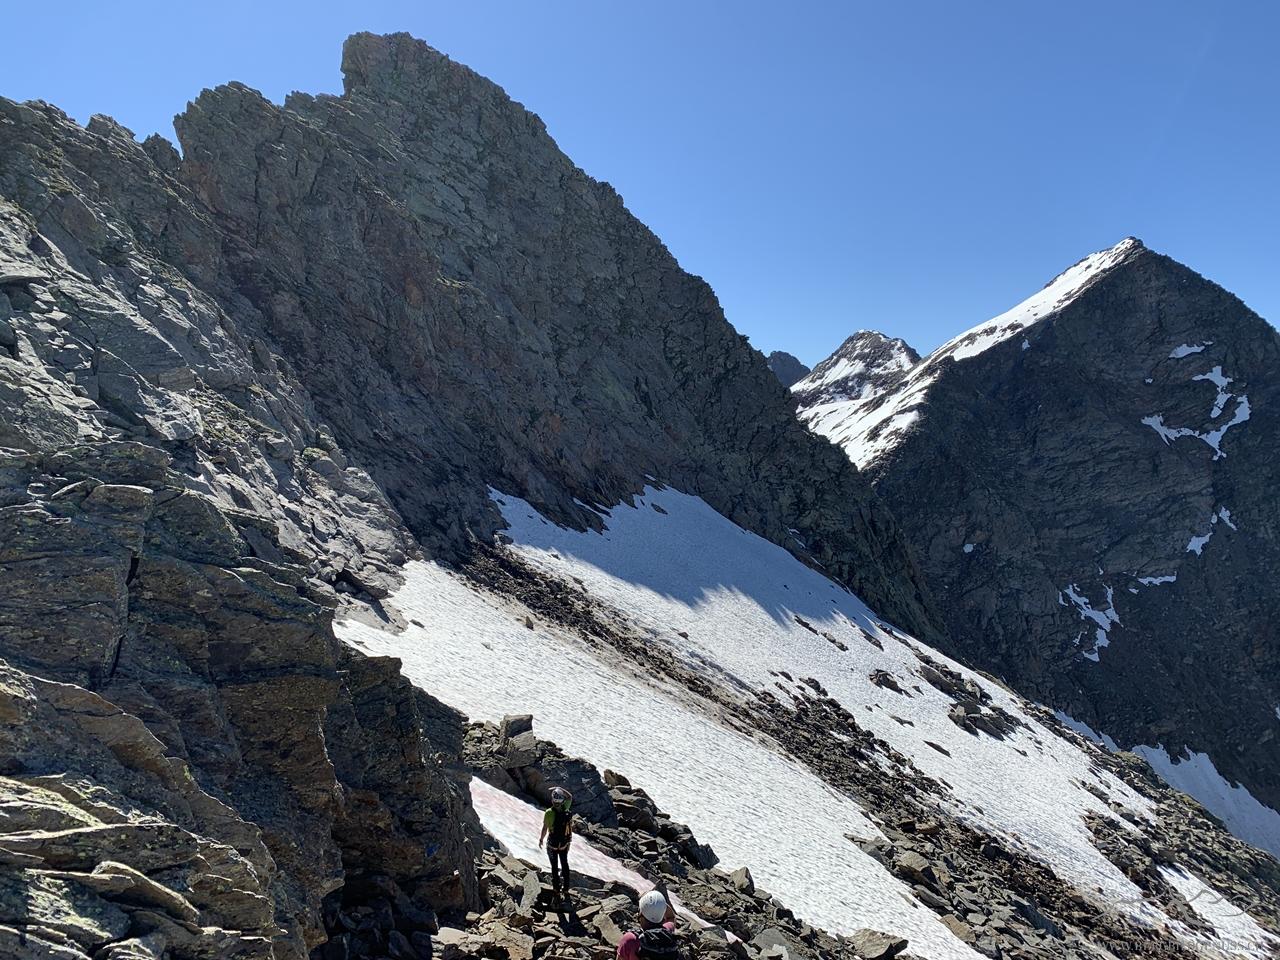 Den Pizzo Crozlina sind wir heute aufgrund eines kürzlich abgegangenen Felssturzes umgangen. Das noch vorhandene Felspaket schien uns eher instabil. Die Menge an Schutt auf dem Schnee zeugt von einiger Masse, die da abgegangen ist.